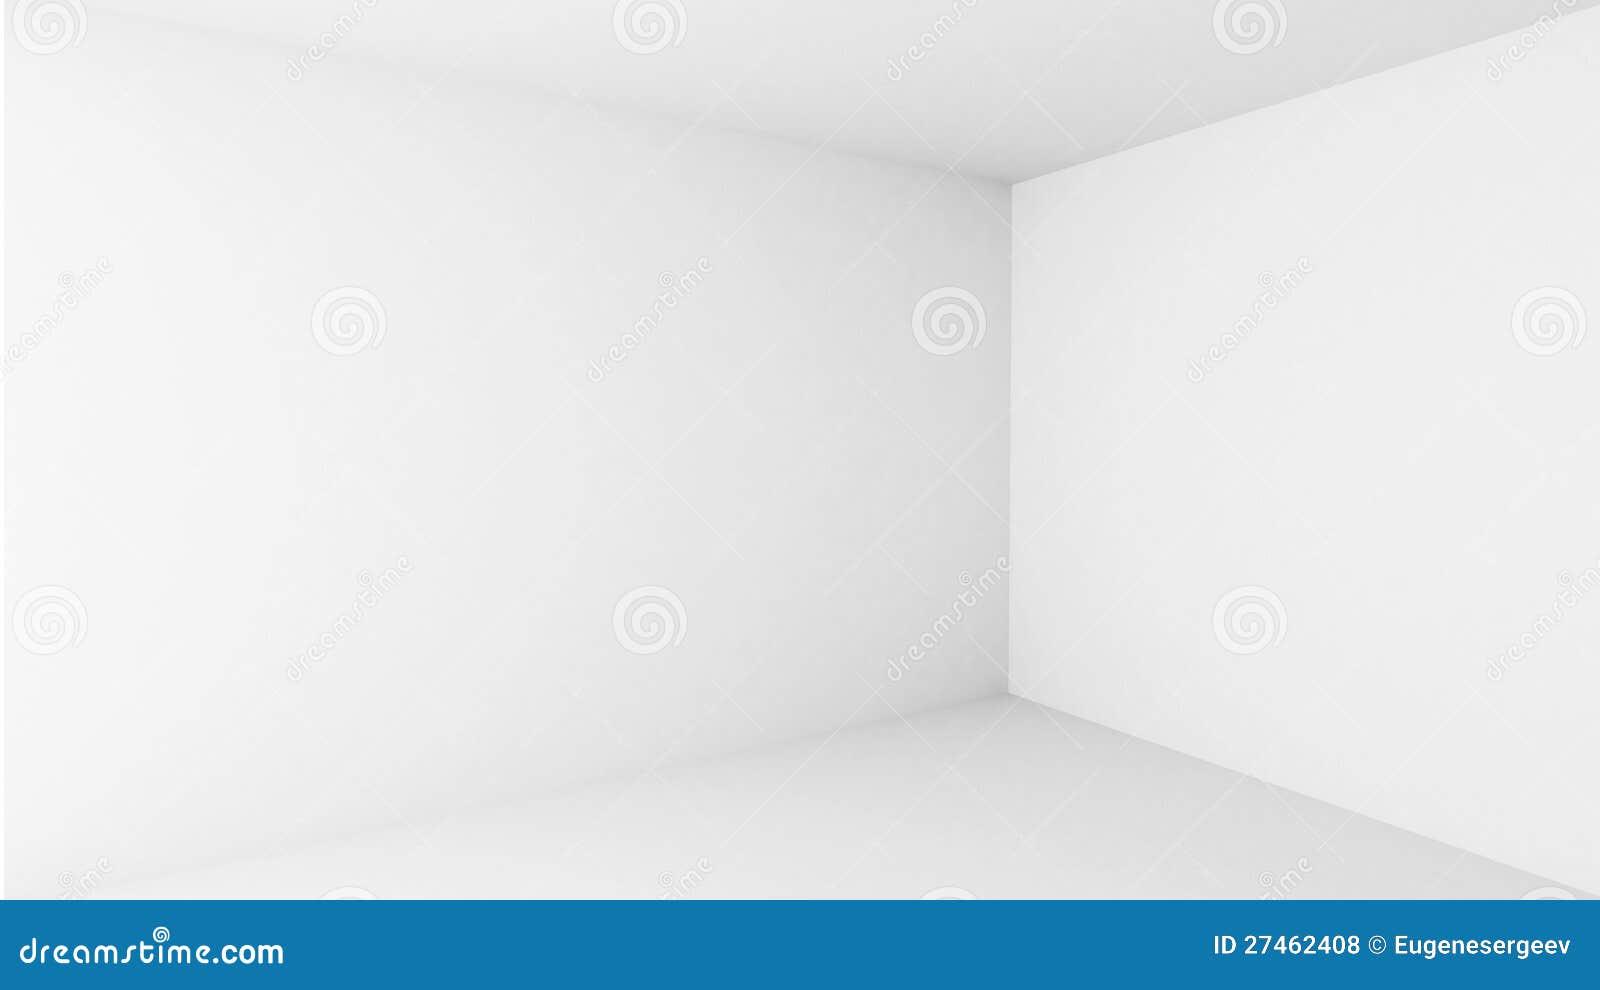 White Blank Modern Room